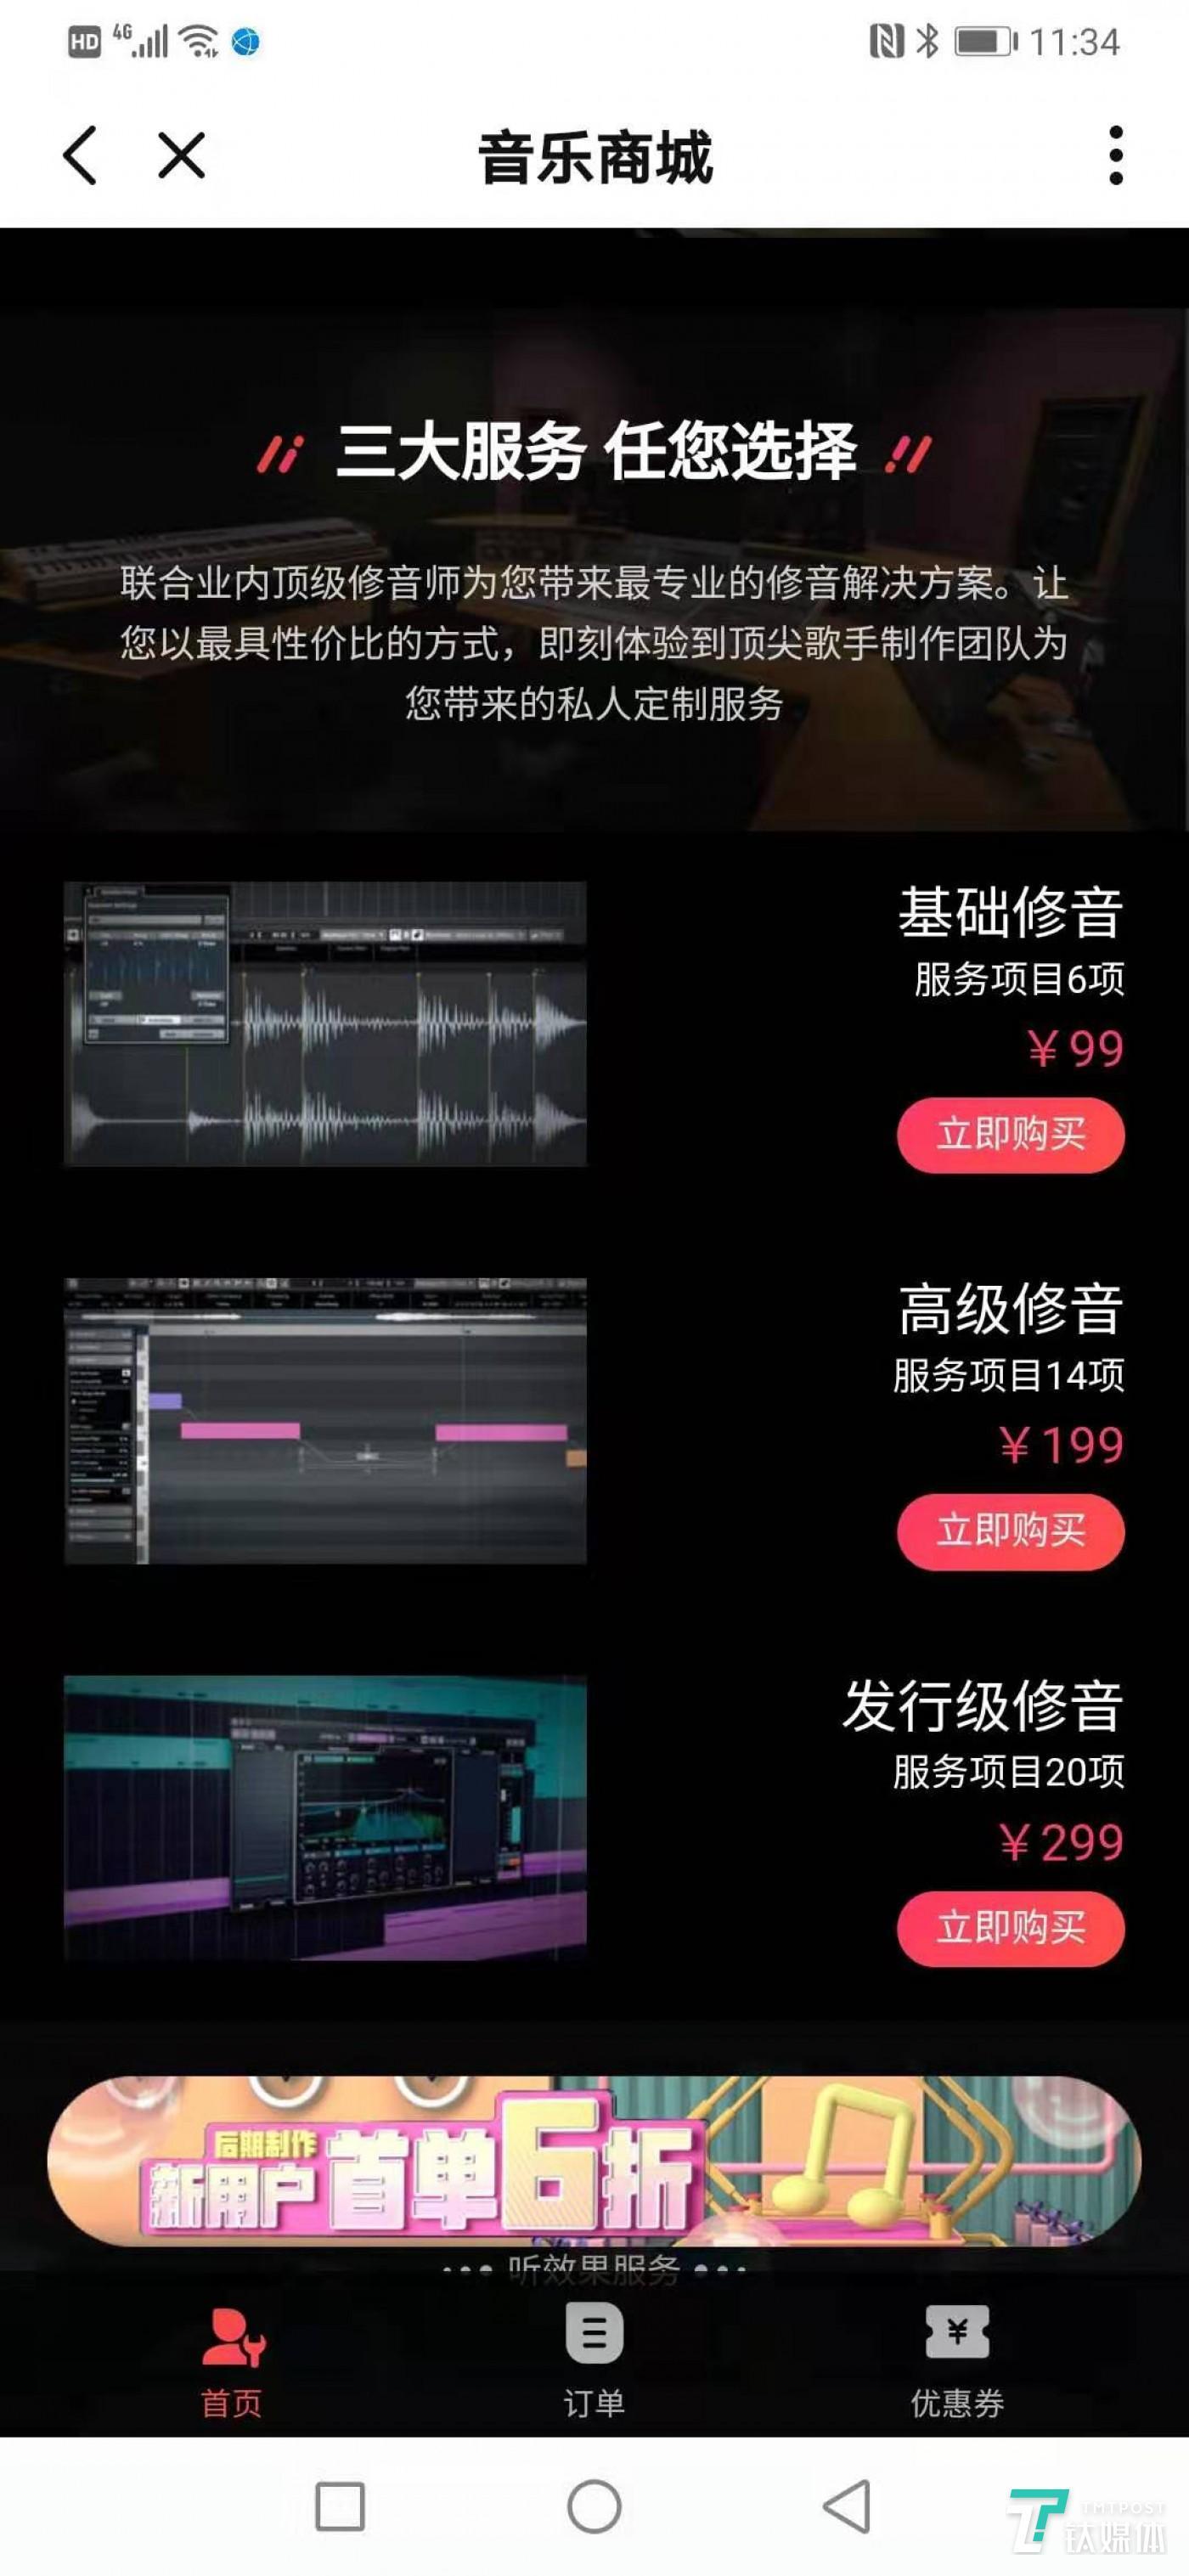 唱吧求变:从K歌社交升级为泛音乐内容社群